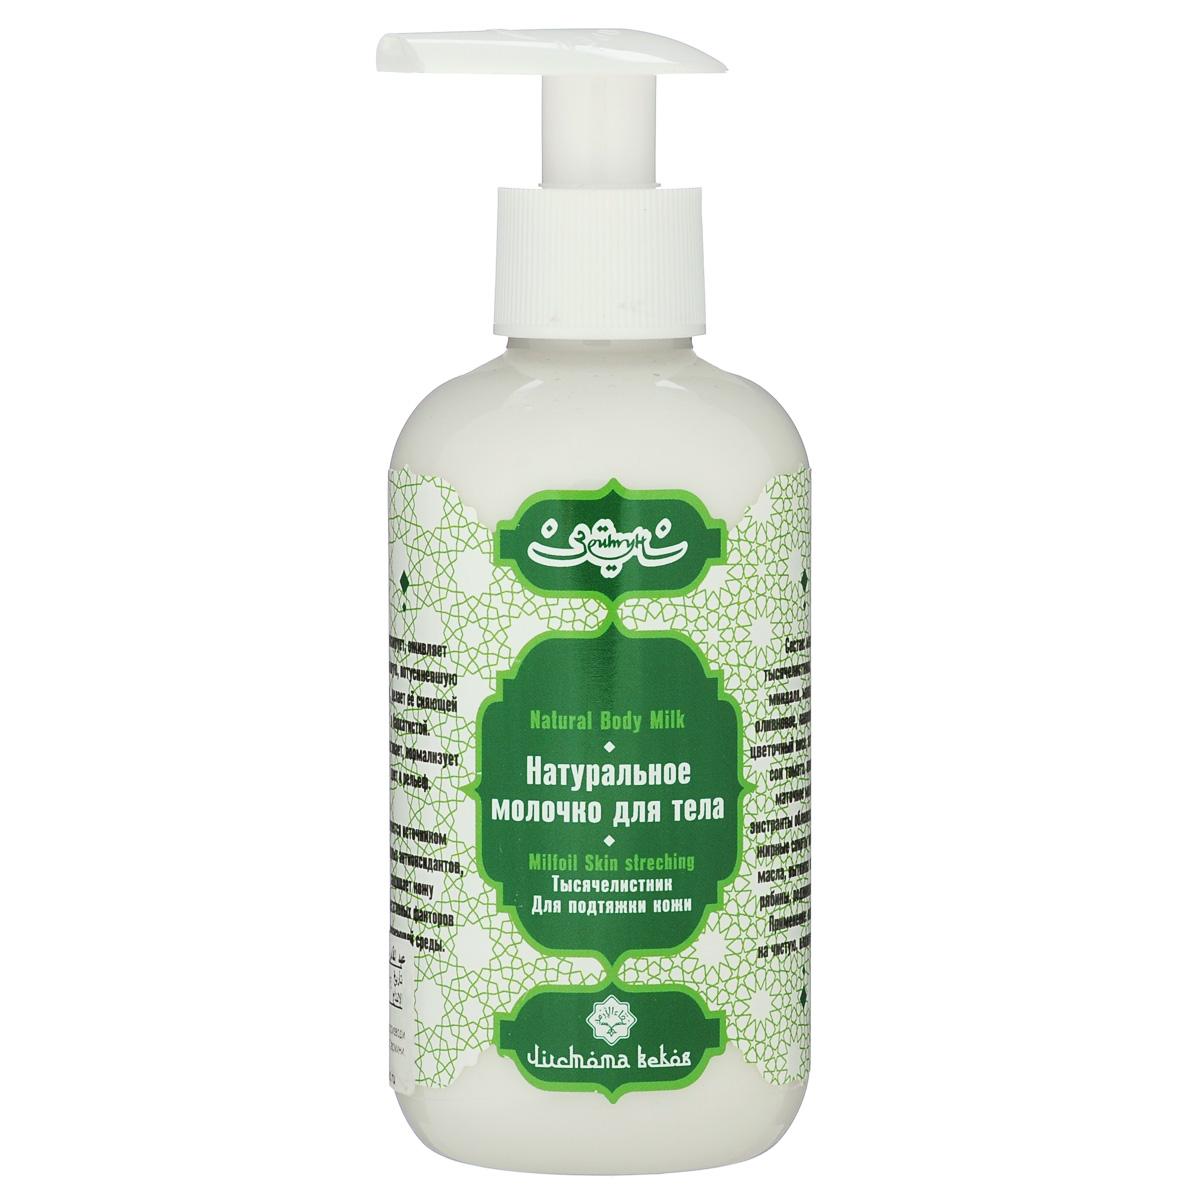 Зейтун Молочко для тела Тысячелистник, 200 млFS-00897Тонизирует, оживляет уставшую, потускневшую кожу, делает её сияющей и бархатистой. Подтягивает, нормализует цвет и рельеф. Является источником природных антиоксидантов, защищает кожу от негативных факторов окружающей среды.